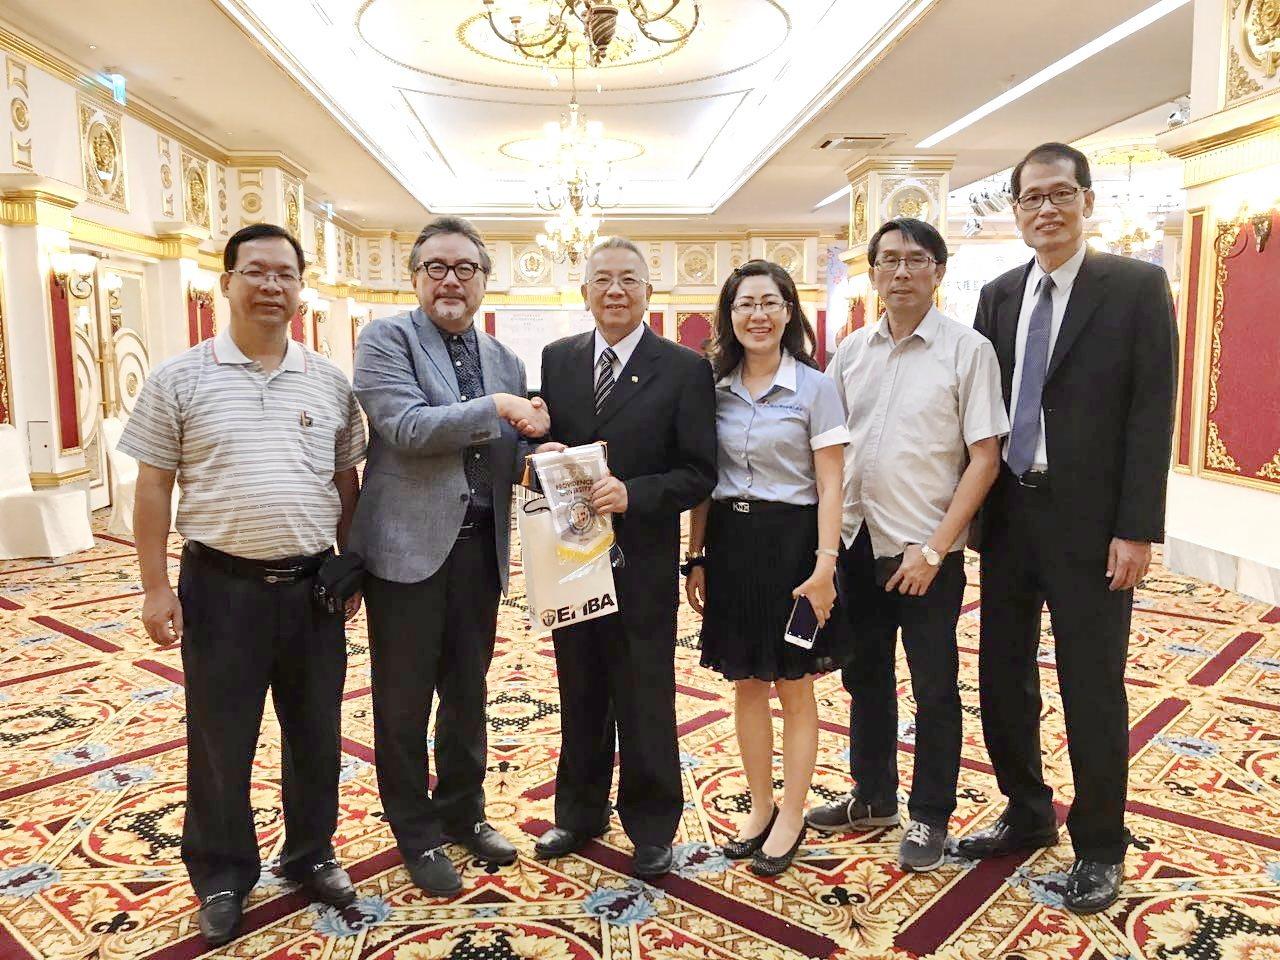 靜宜大學近日率團前往越南及柬埔寨,與當地學校洽談合作計畫。圖/靜宜大學提供